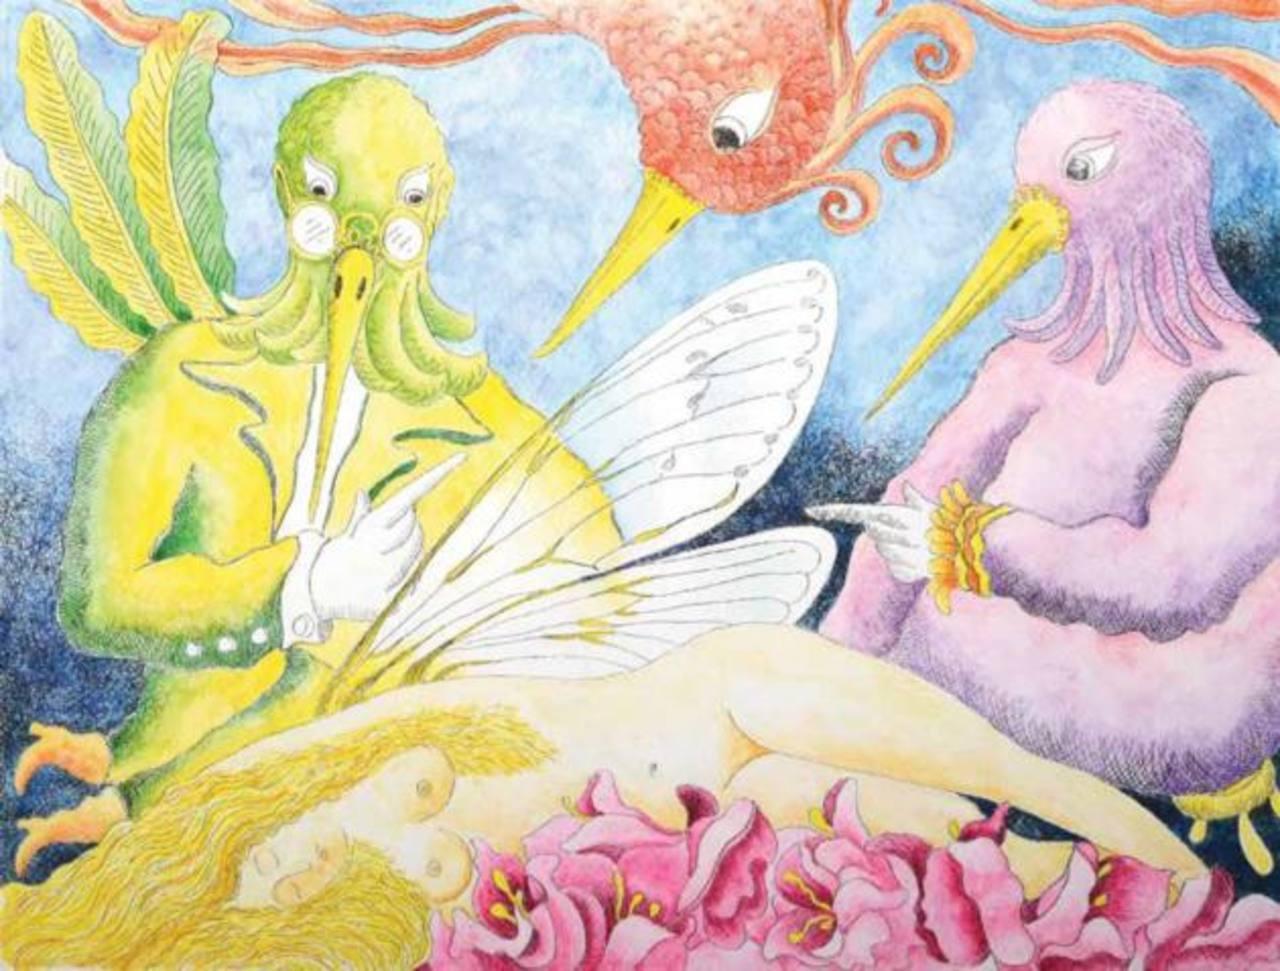 Salvador Llort pone un toque de color y surrealismo a la obra que presenta y que estará en la muestra en el Muna. foto / Cortesía